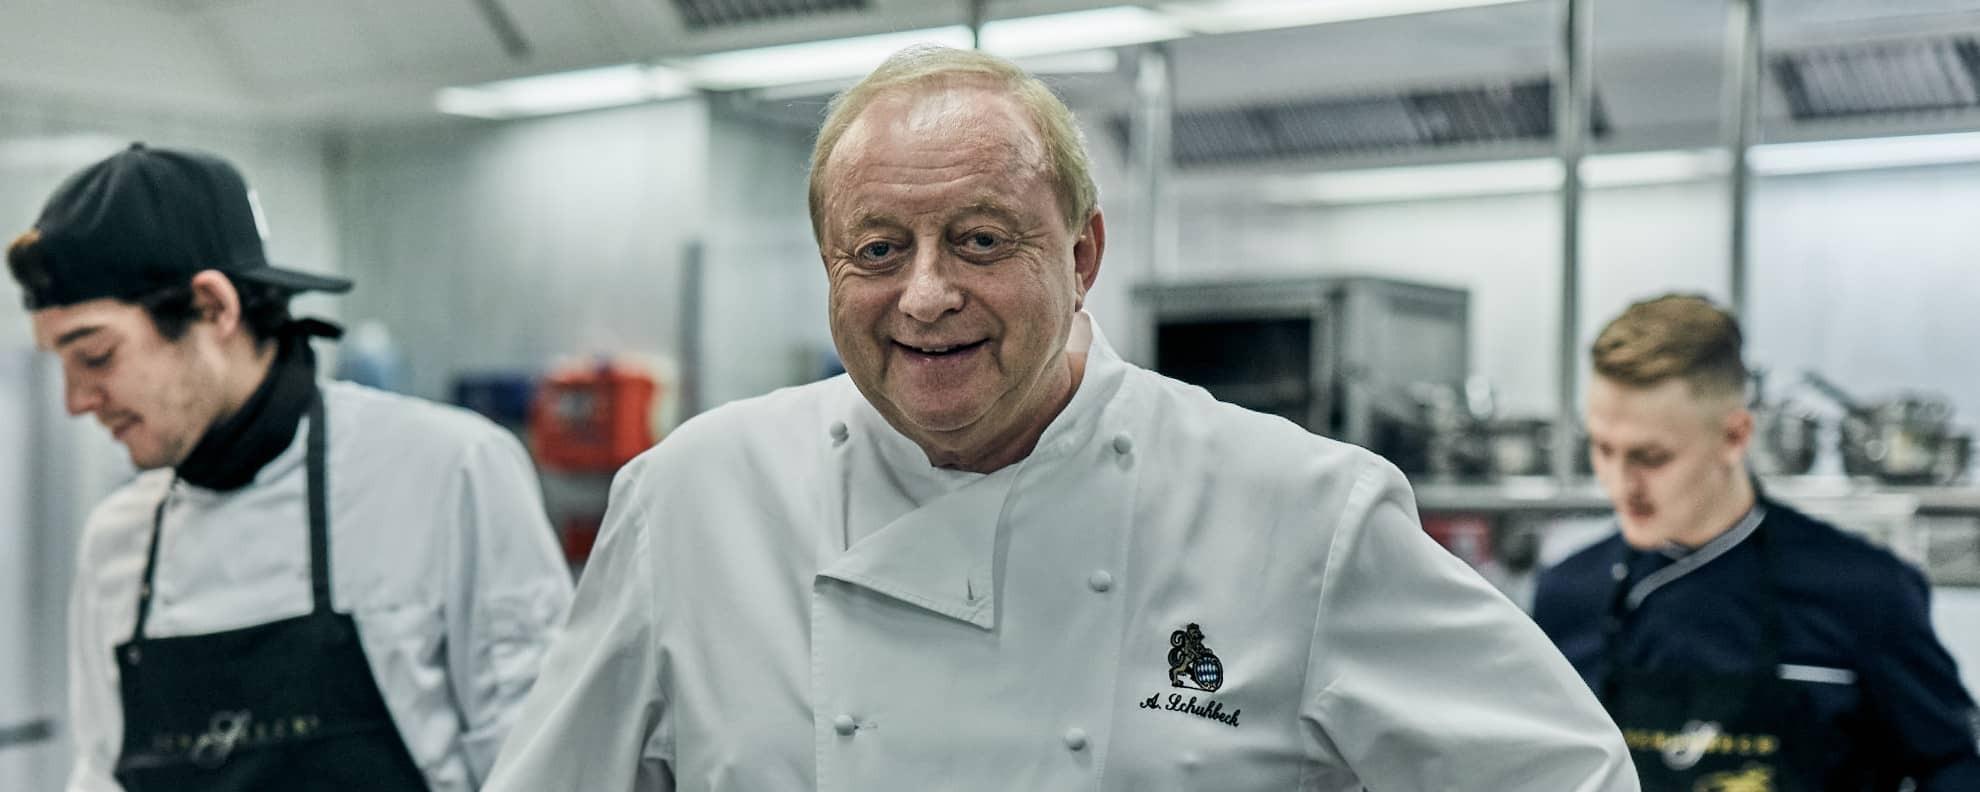 Der Online Kochkurs für alle: Mit Alfons Schuhbeck zum Küchenprofi